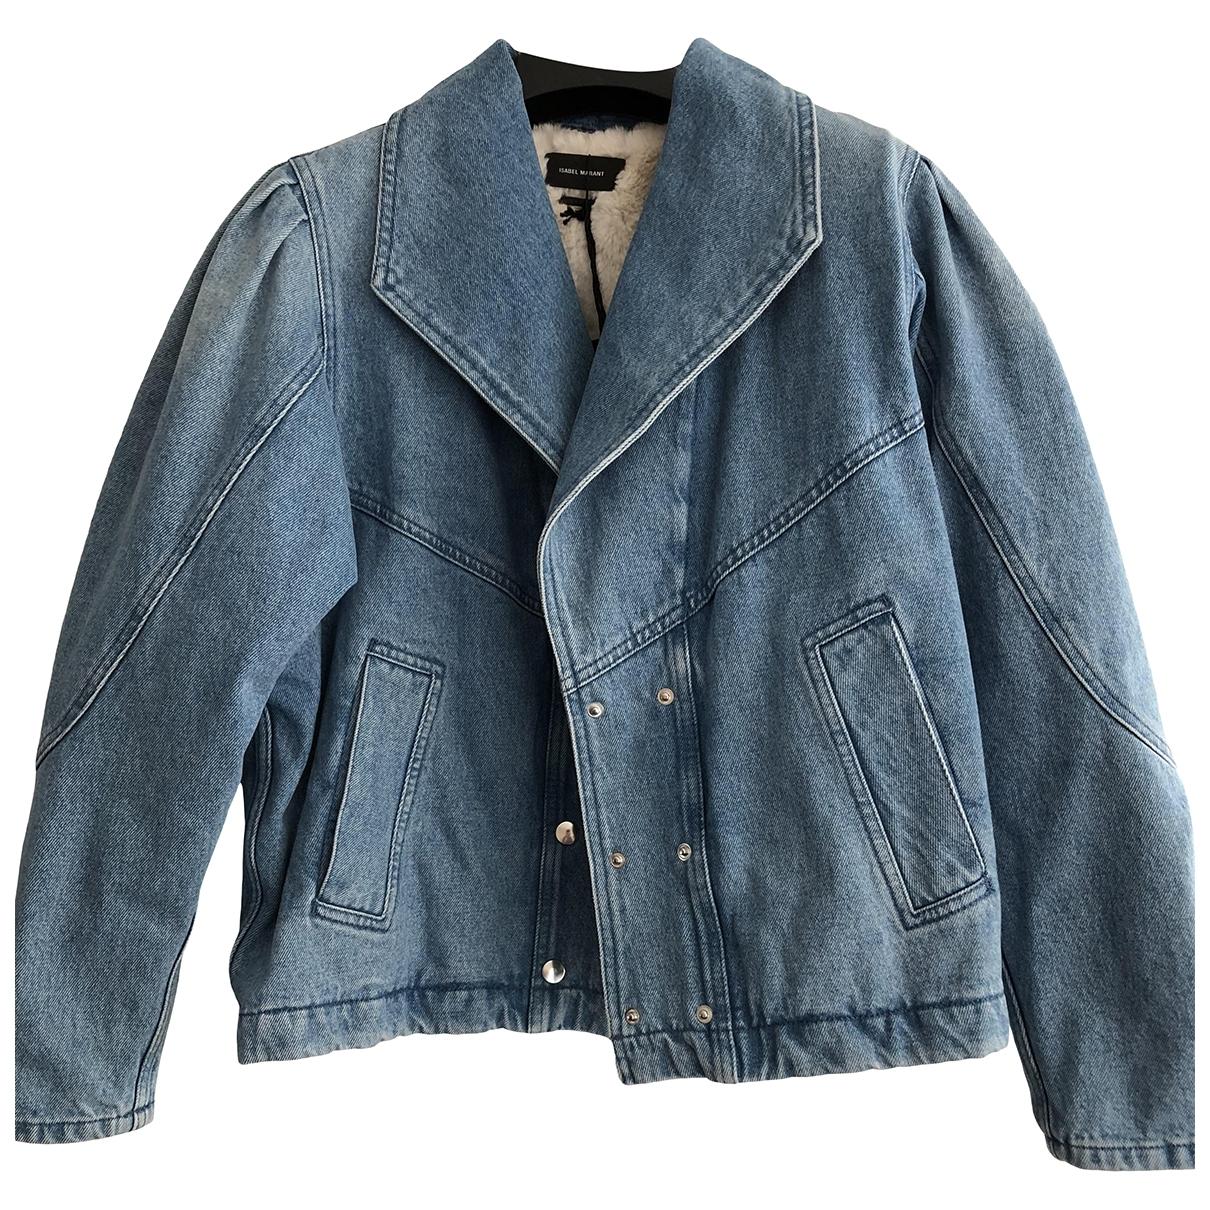 Isabel Marant \N Blue Denim - Jeans jacket for Women 38 FR